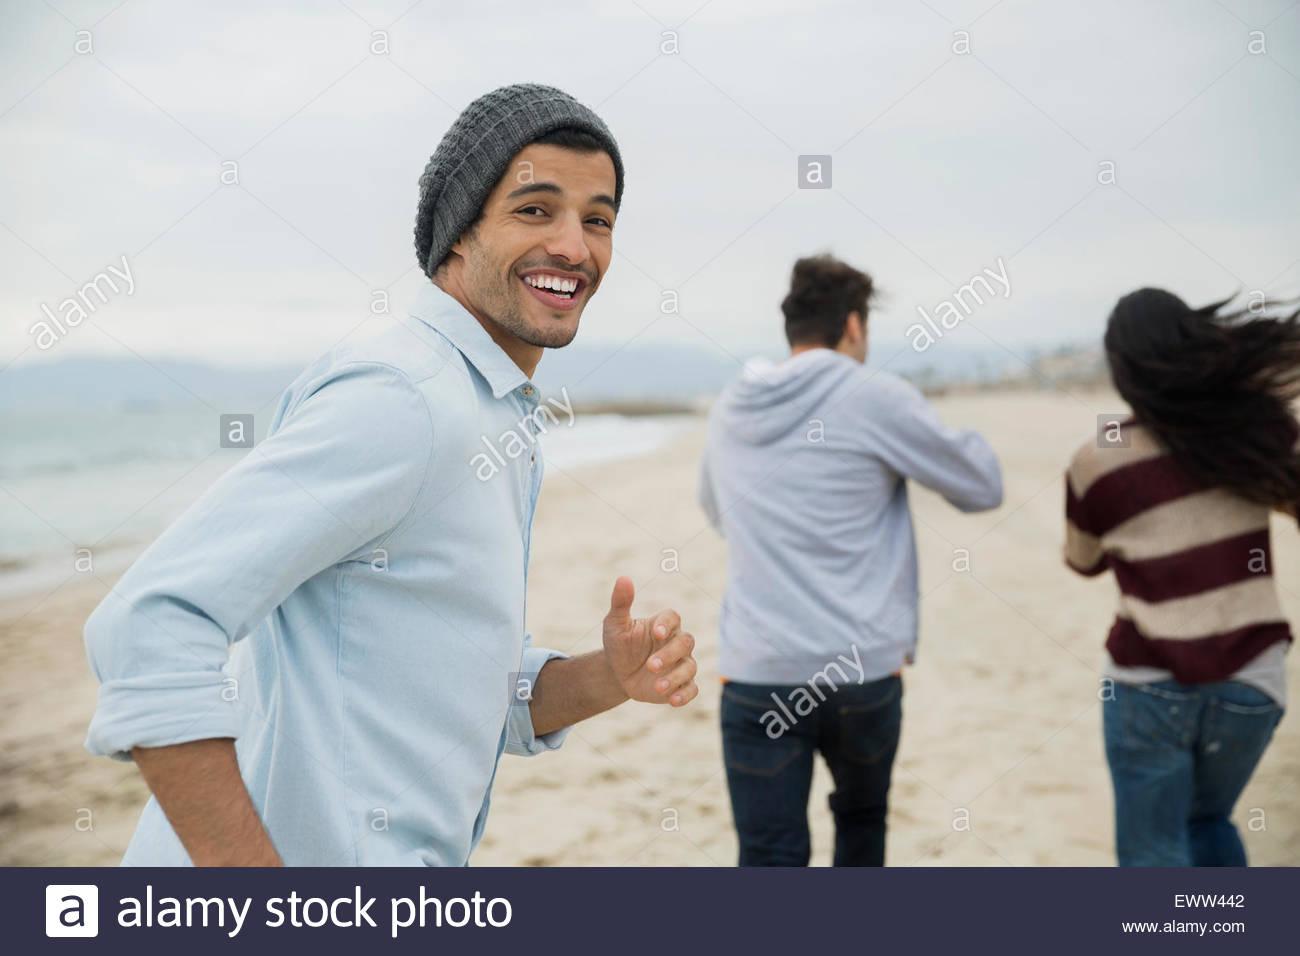 Ritratto uomo sorridente in esecuzione con gli amici sulla spiaggia Immagini Stock